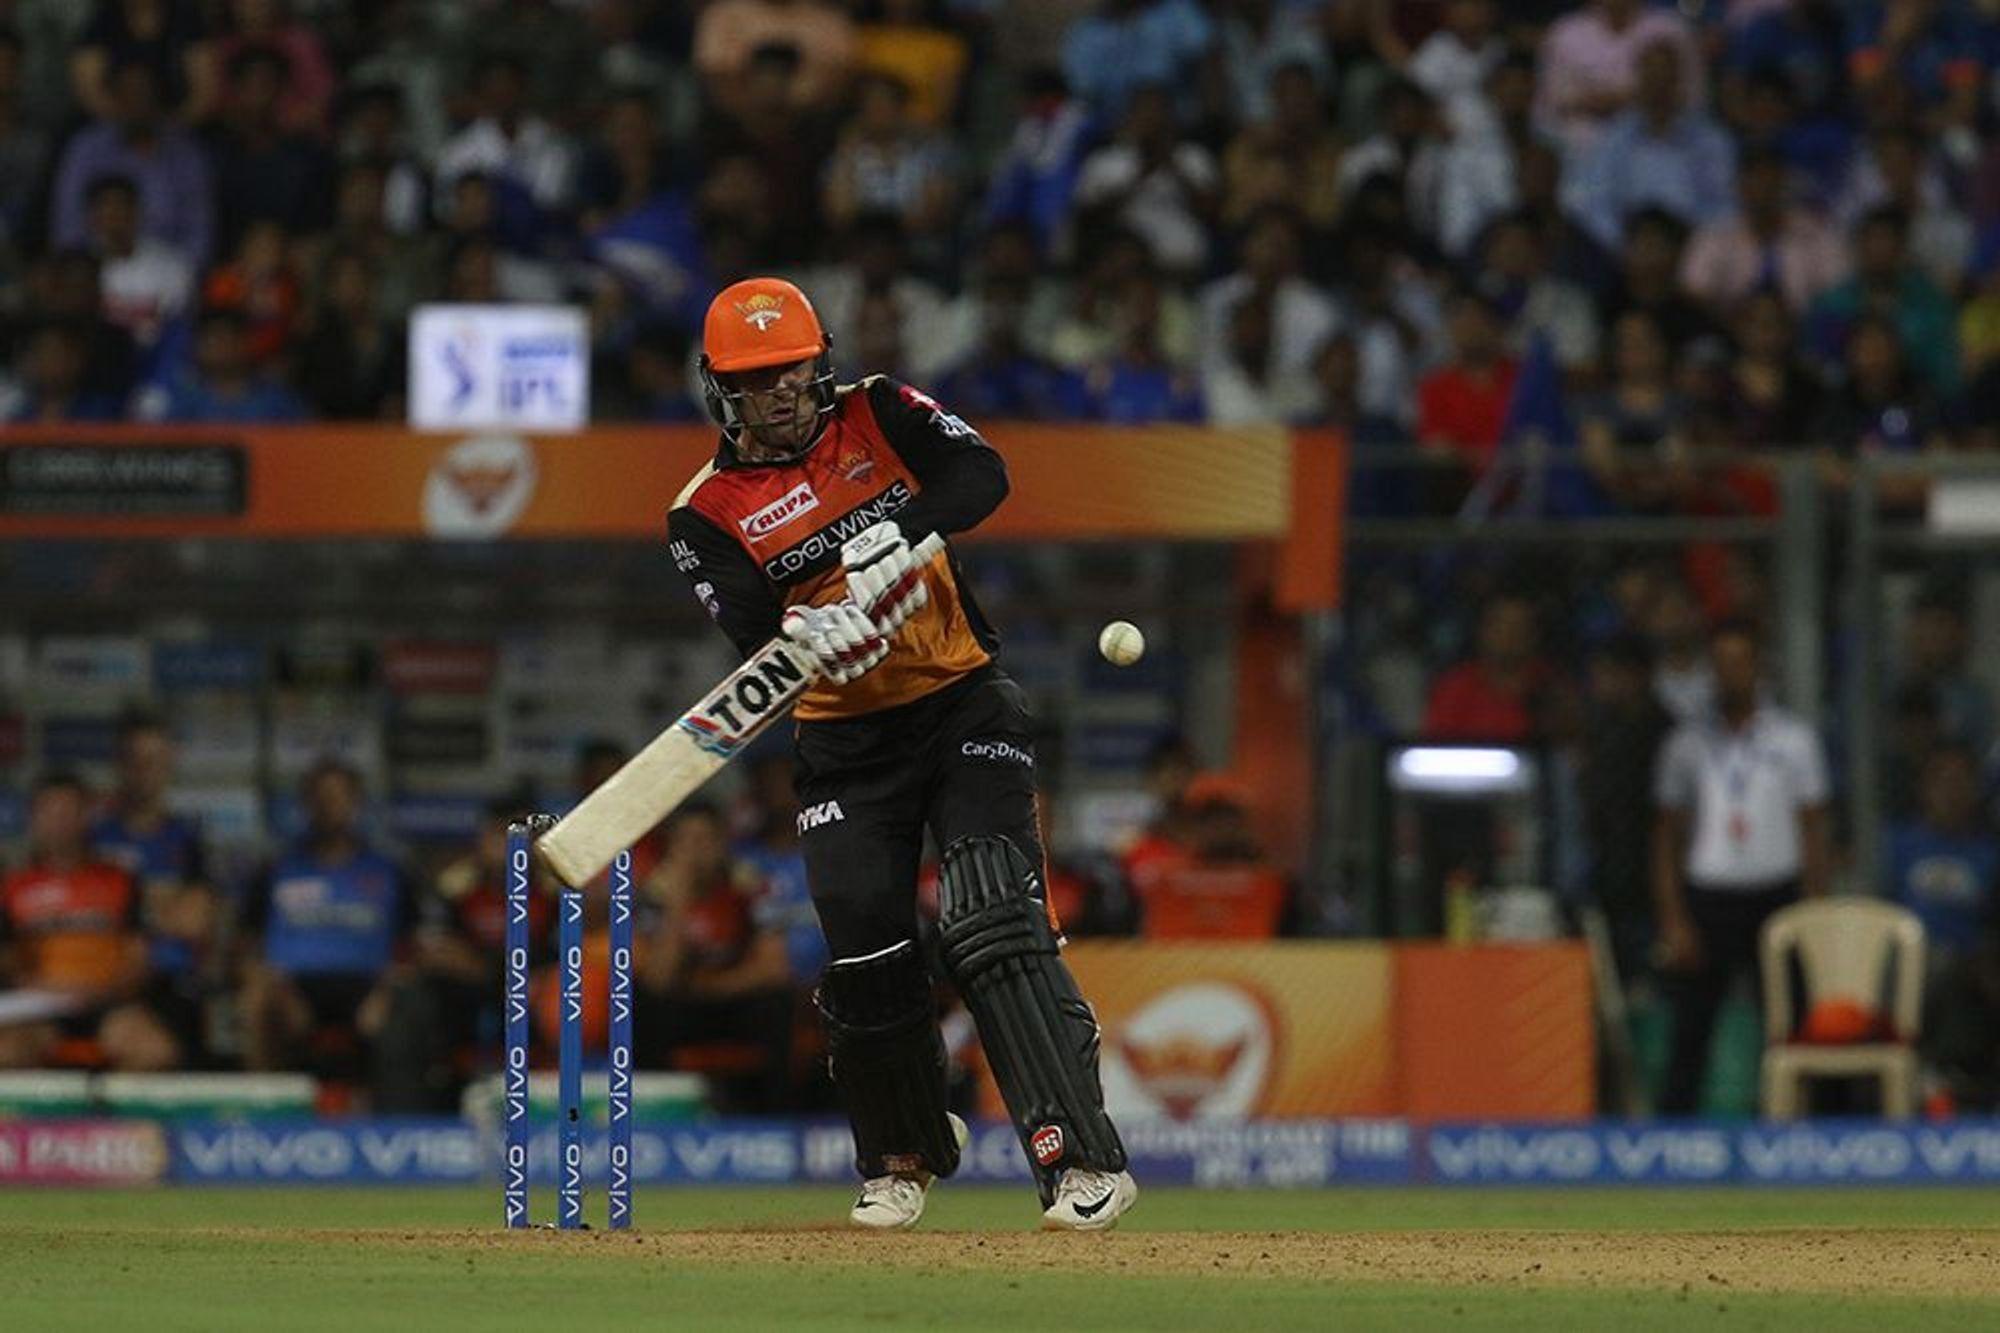 मुंबई से मिली हार के बाद हैदराबाद की टीम के इस खिलाड़ी की तारीफों के पुल बांधते हुए नजर आये नबी, बुमराह को लेकर भी दिया बड़ा बयान 2